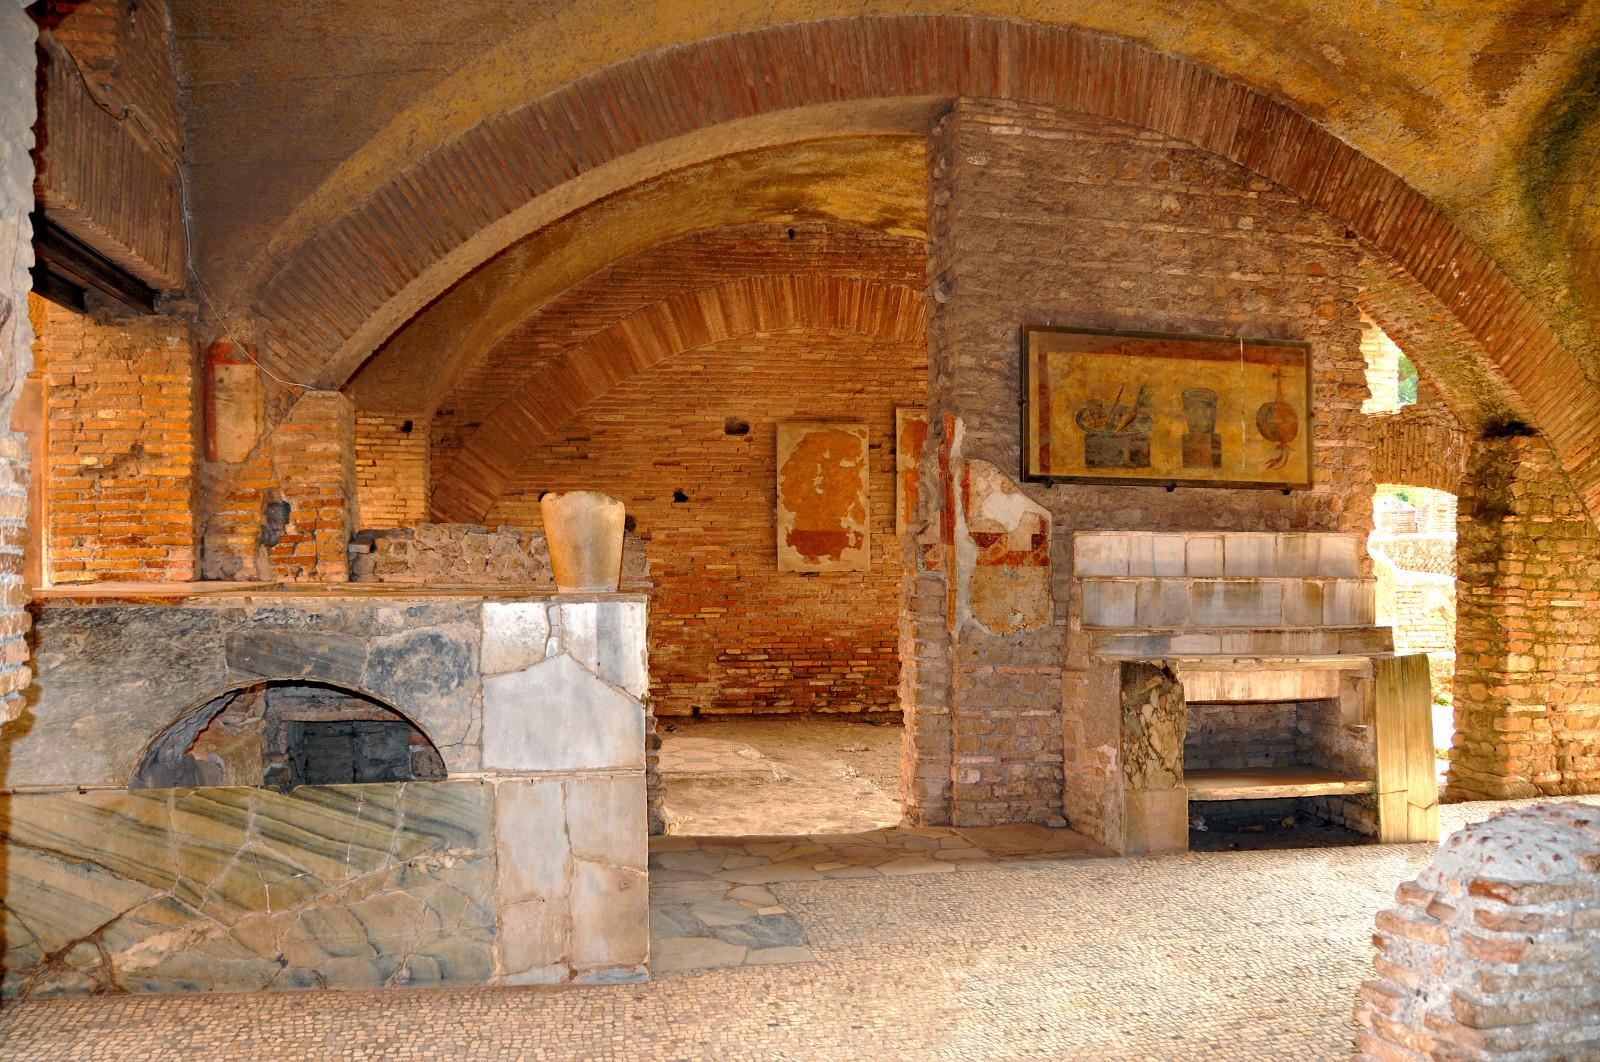 Sfondi cibo italia bere romano canada nikon arco for Cibo romano